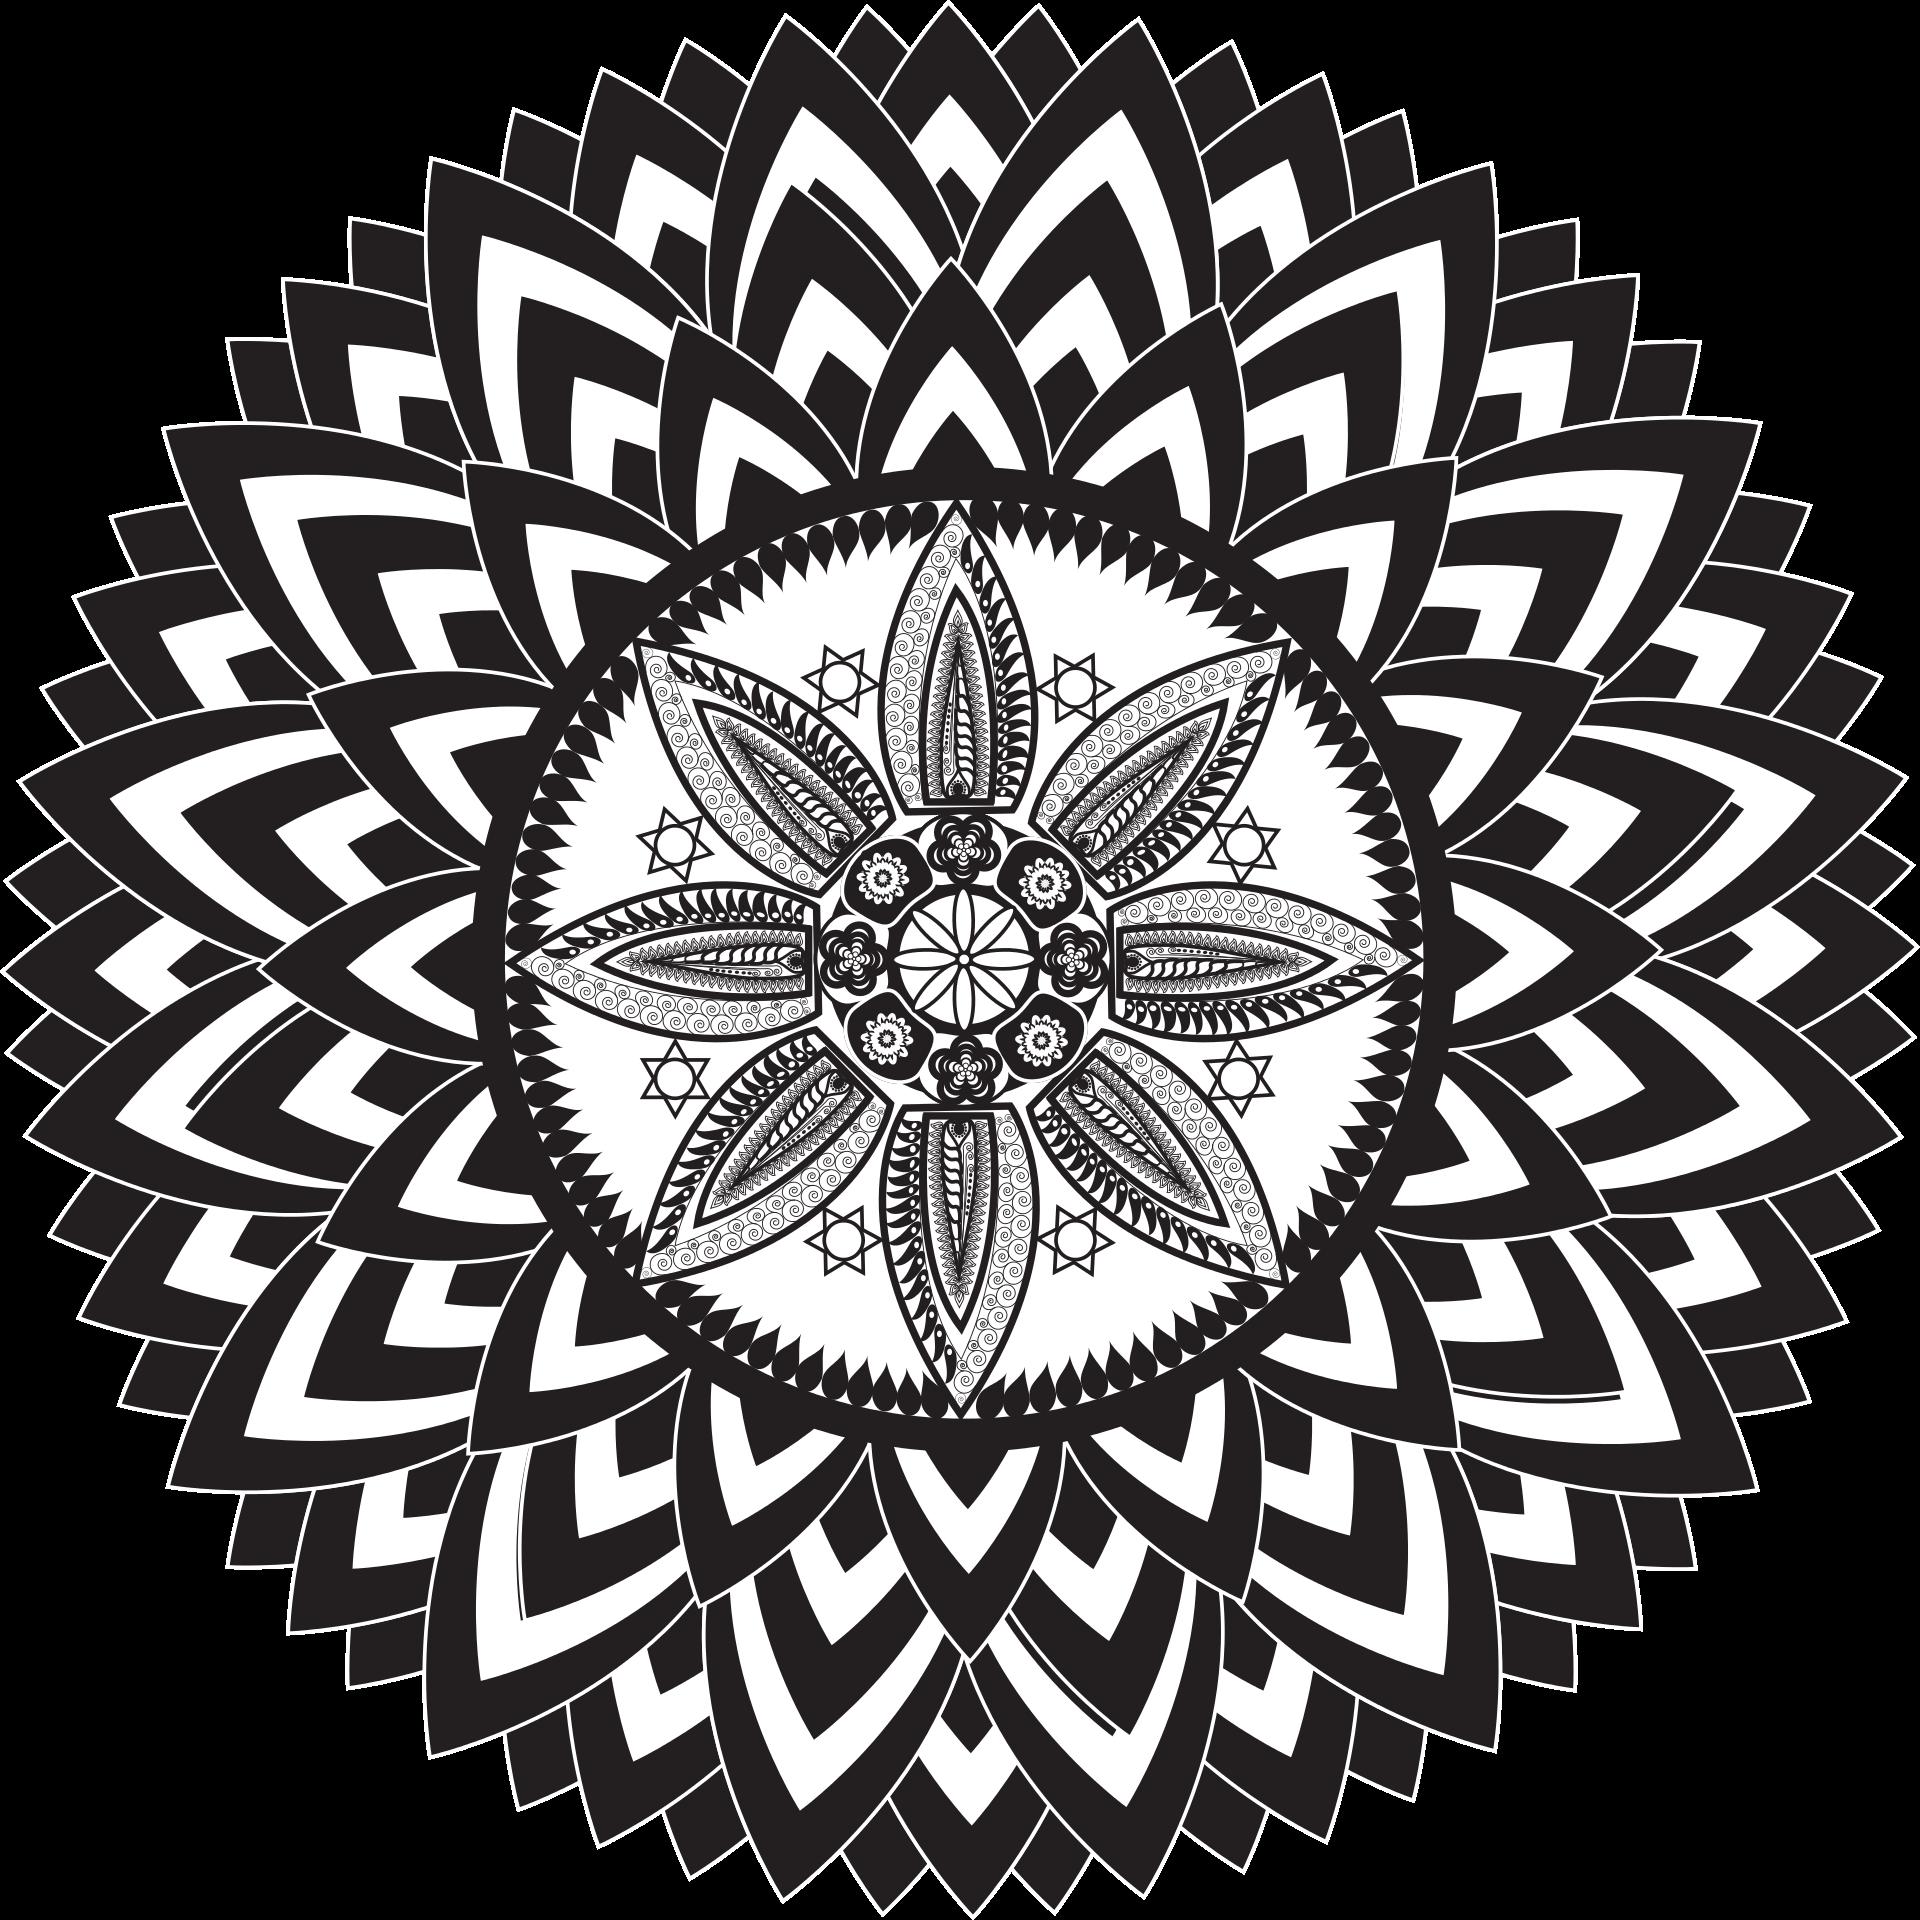 Kostenlose Malvorlagen zum herunterladen. #Mandala #Vorlage ...